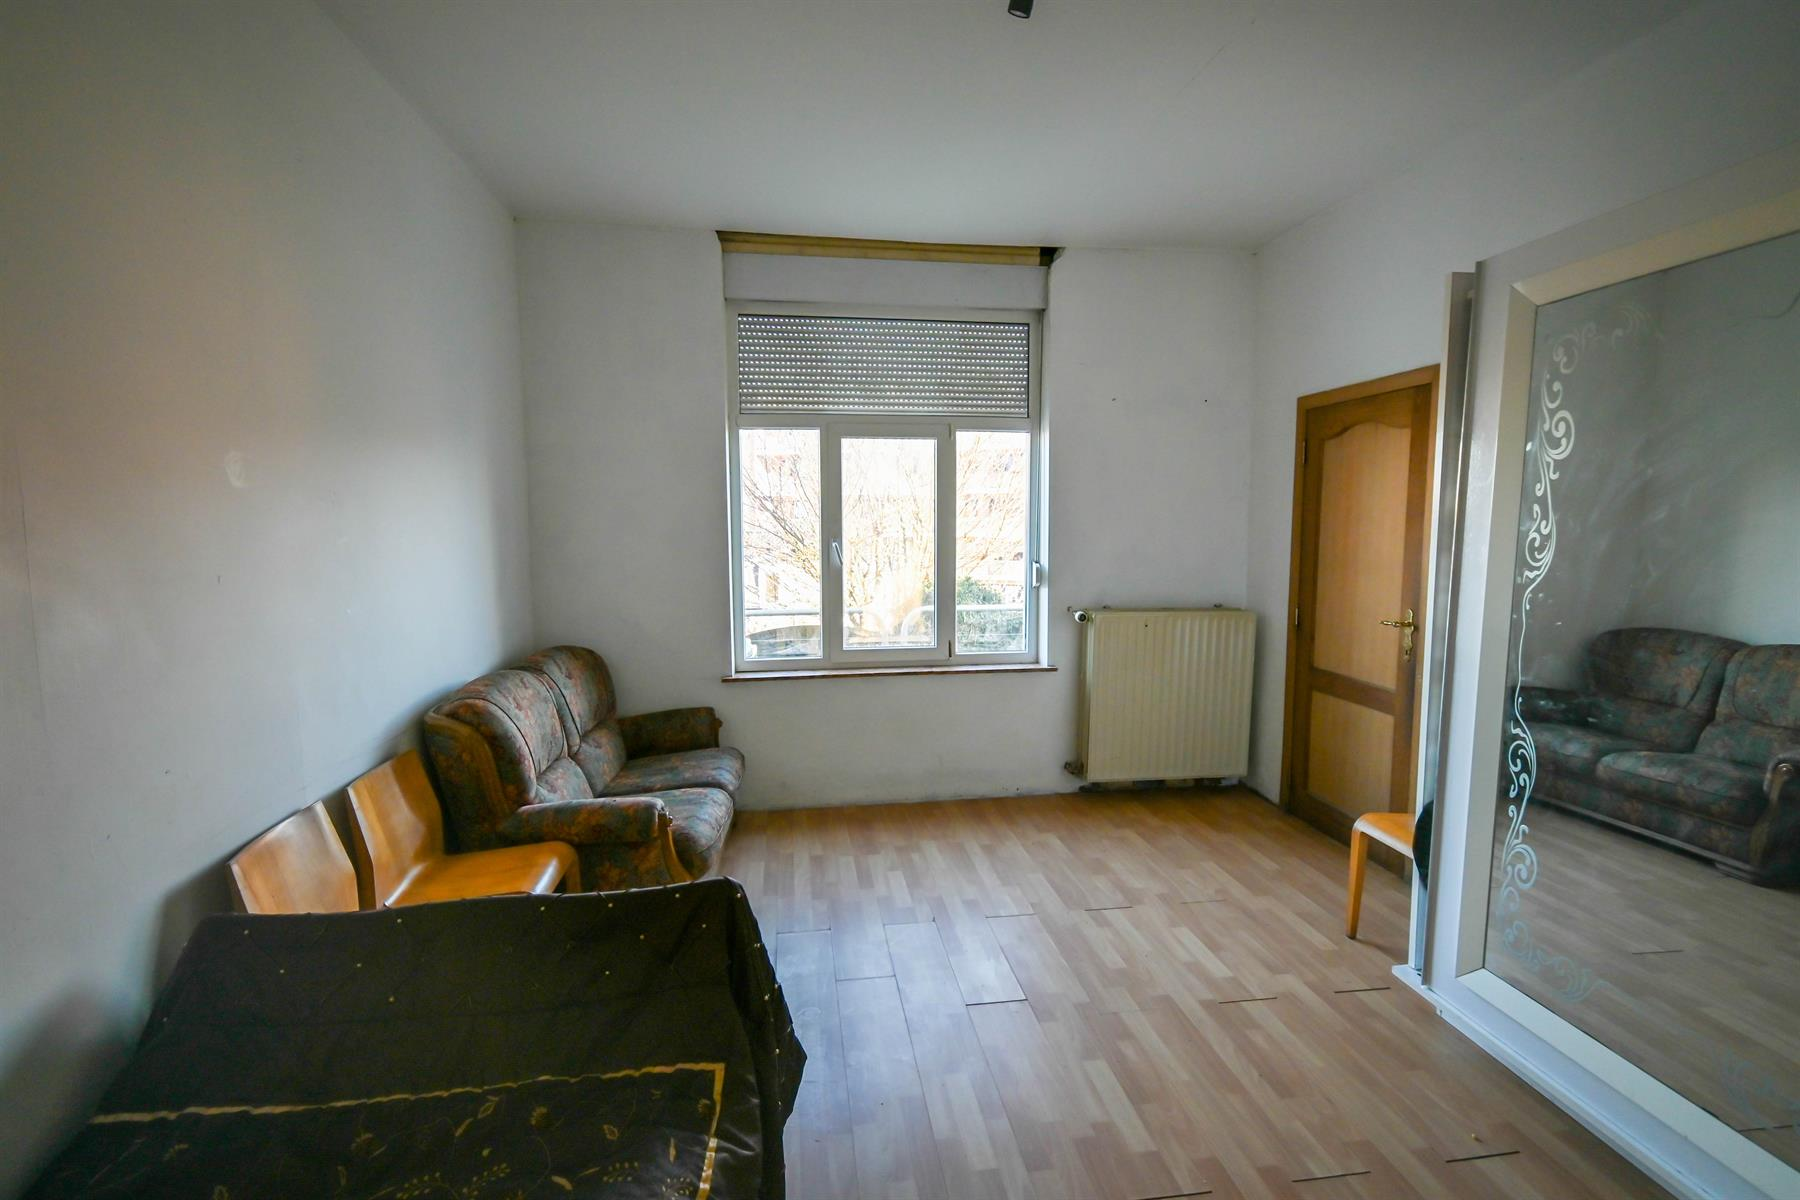 Maison - Verviers - #4305597-8